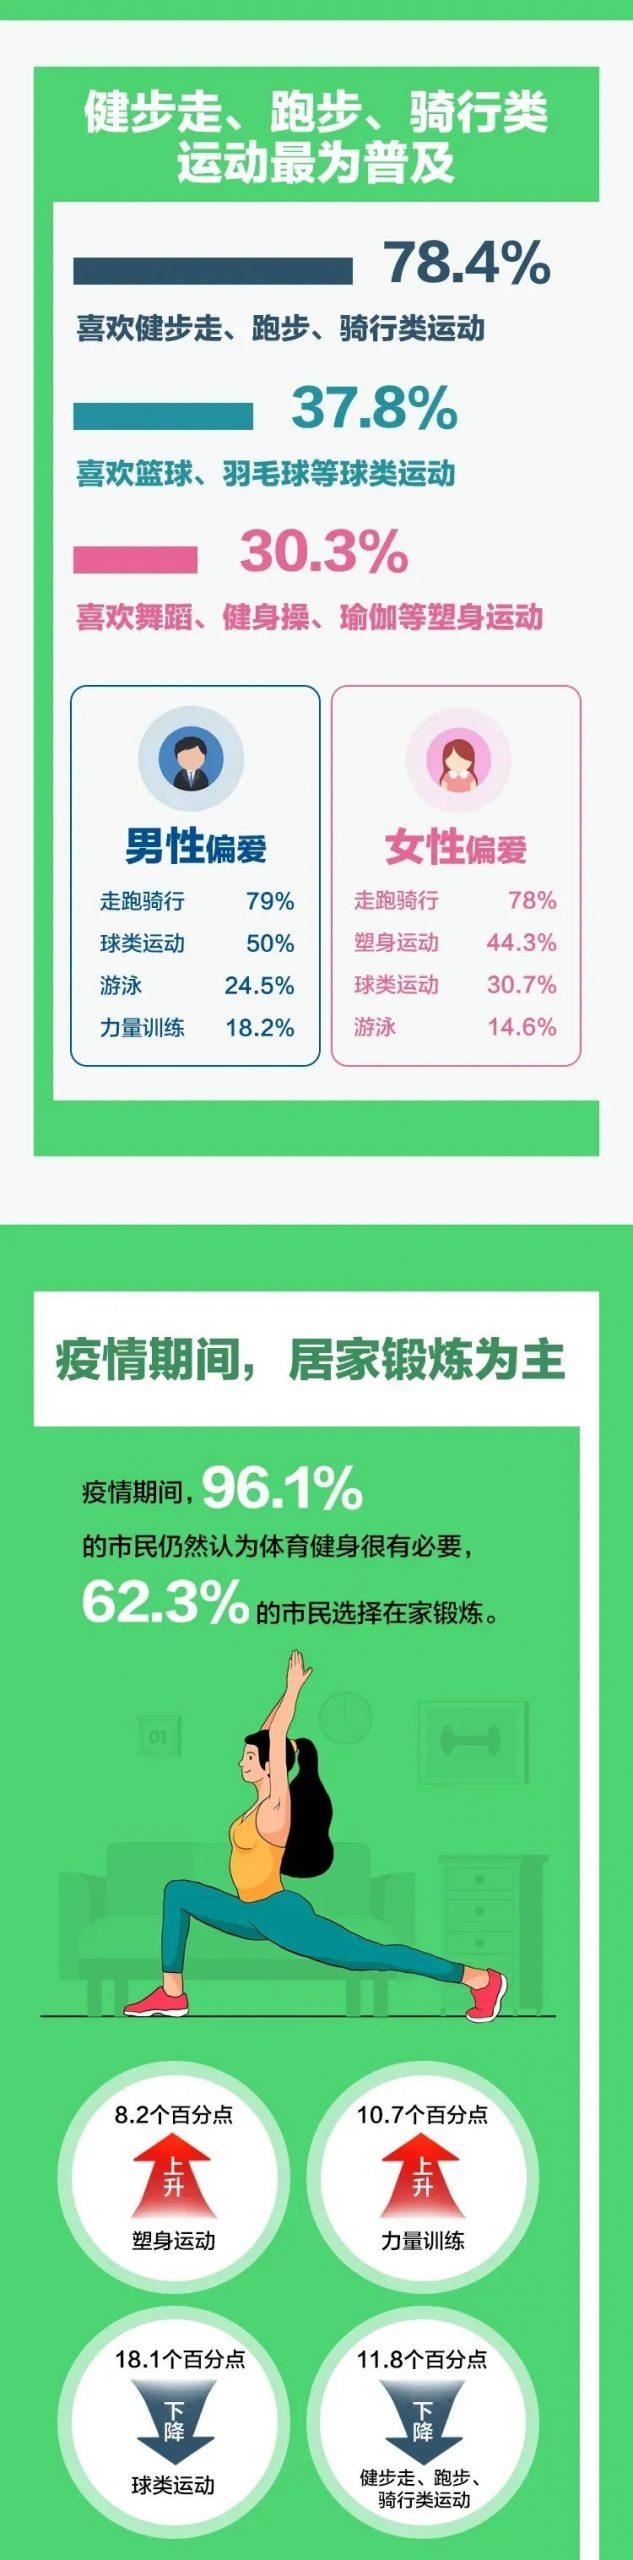 北京所有健身场所50%限流开放,上海七成锻炼者每周健身3次以上